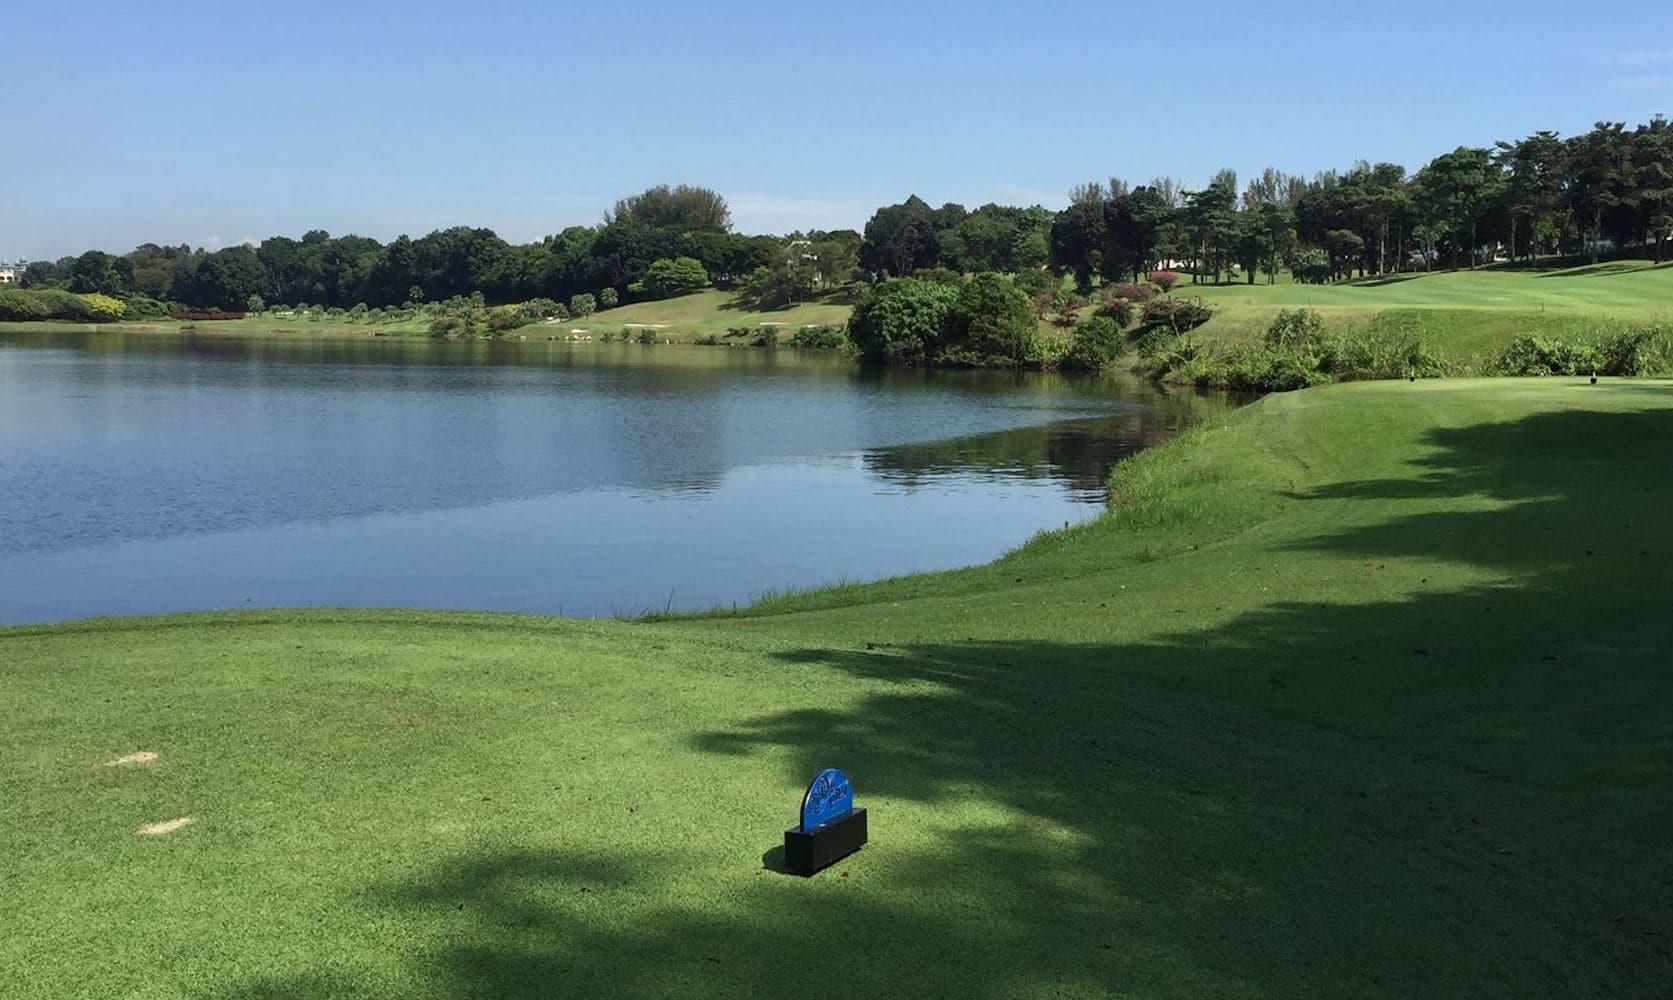 The Mines Golf Club & Resort